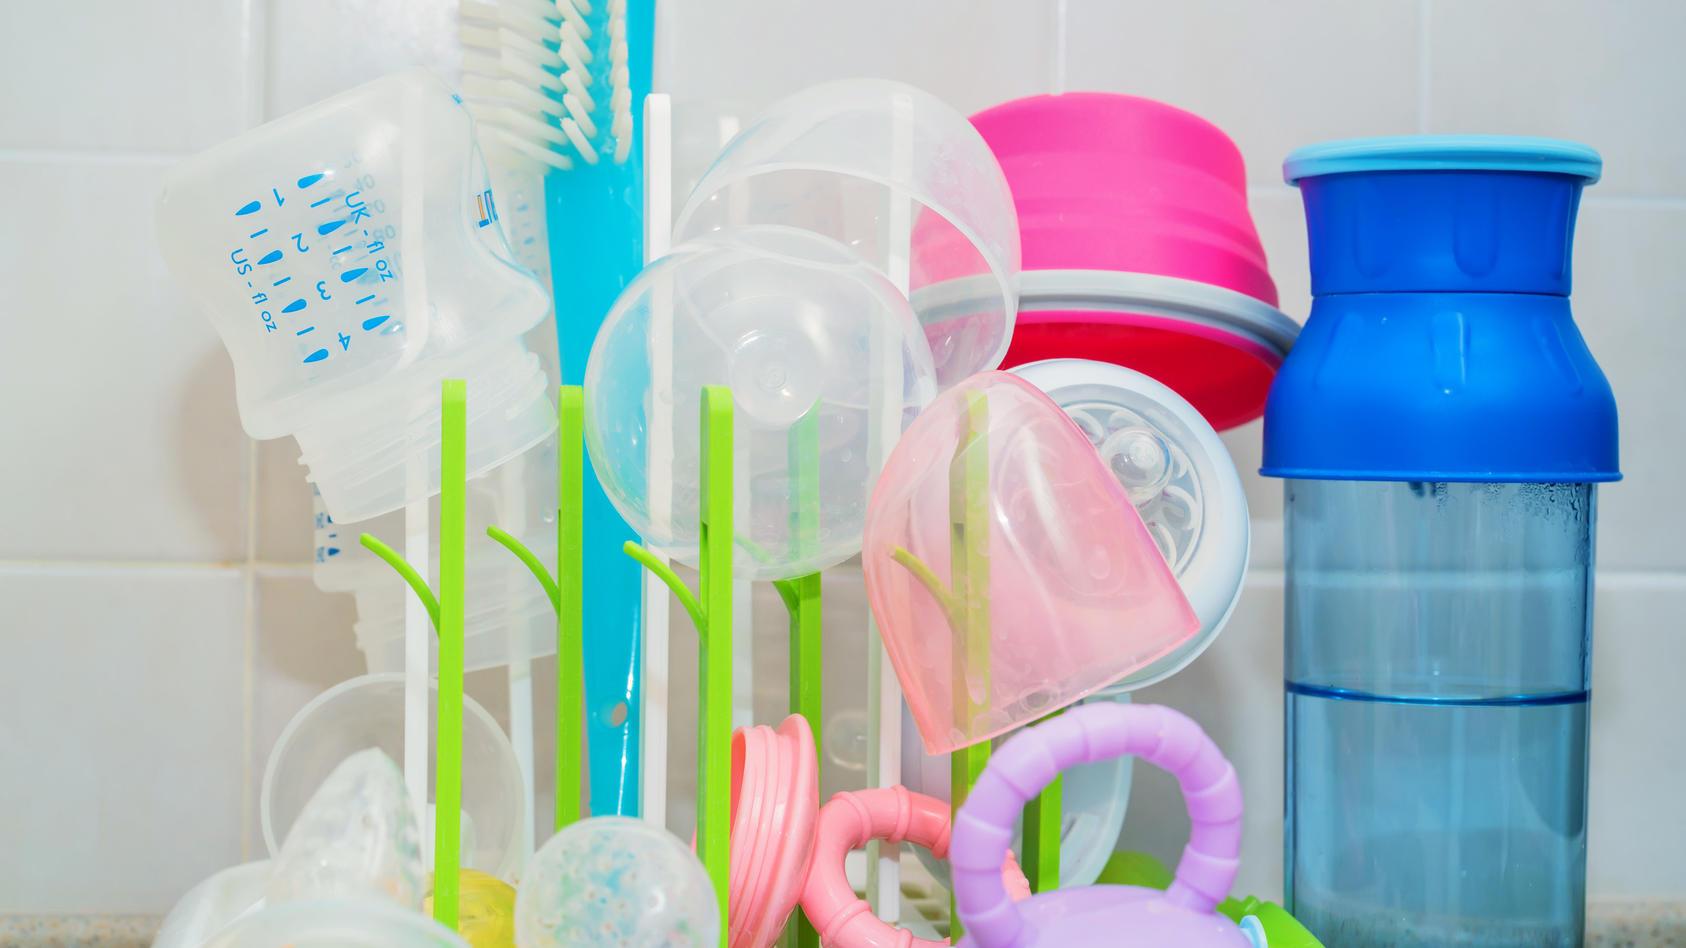 Babyflaschenständer sind perfekt geeignet zum Trocknen von Babyflaschen und Aufsätzen.